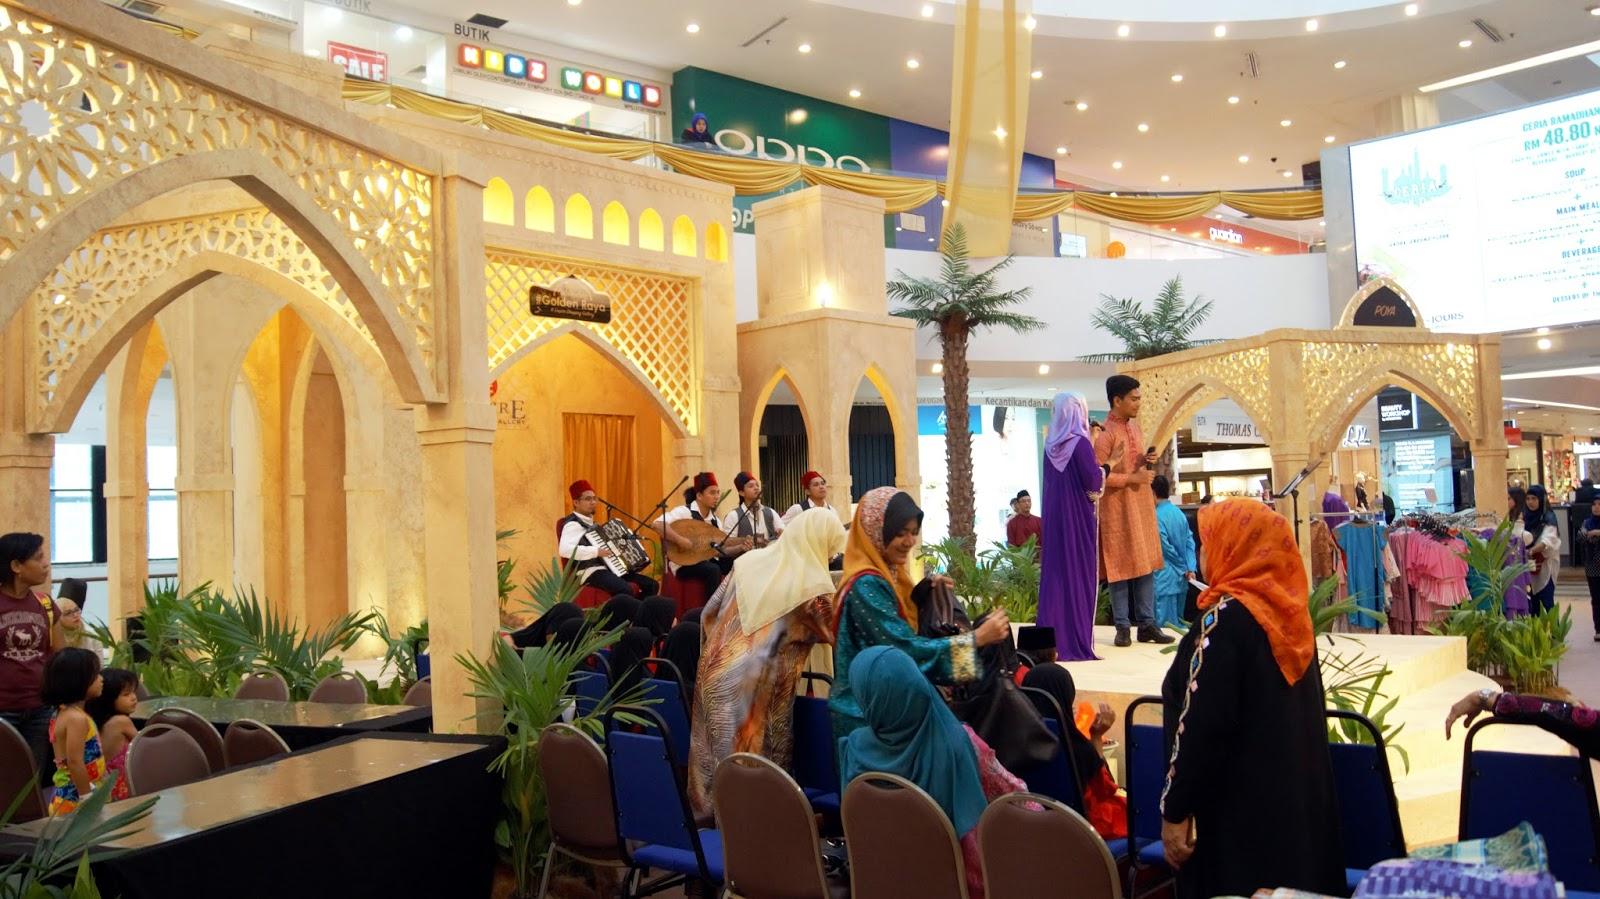 Jiaaqieats by jia qi goldenraya empire shopping for Arabian decoration materials trading